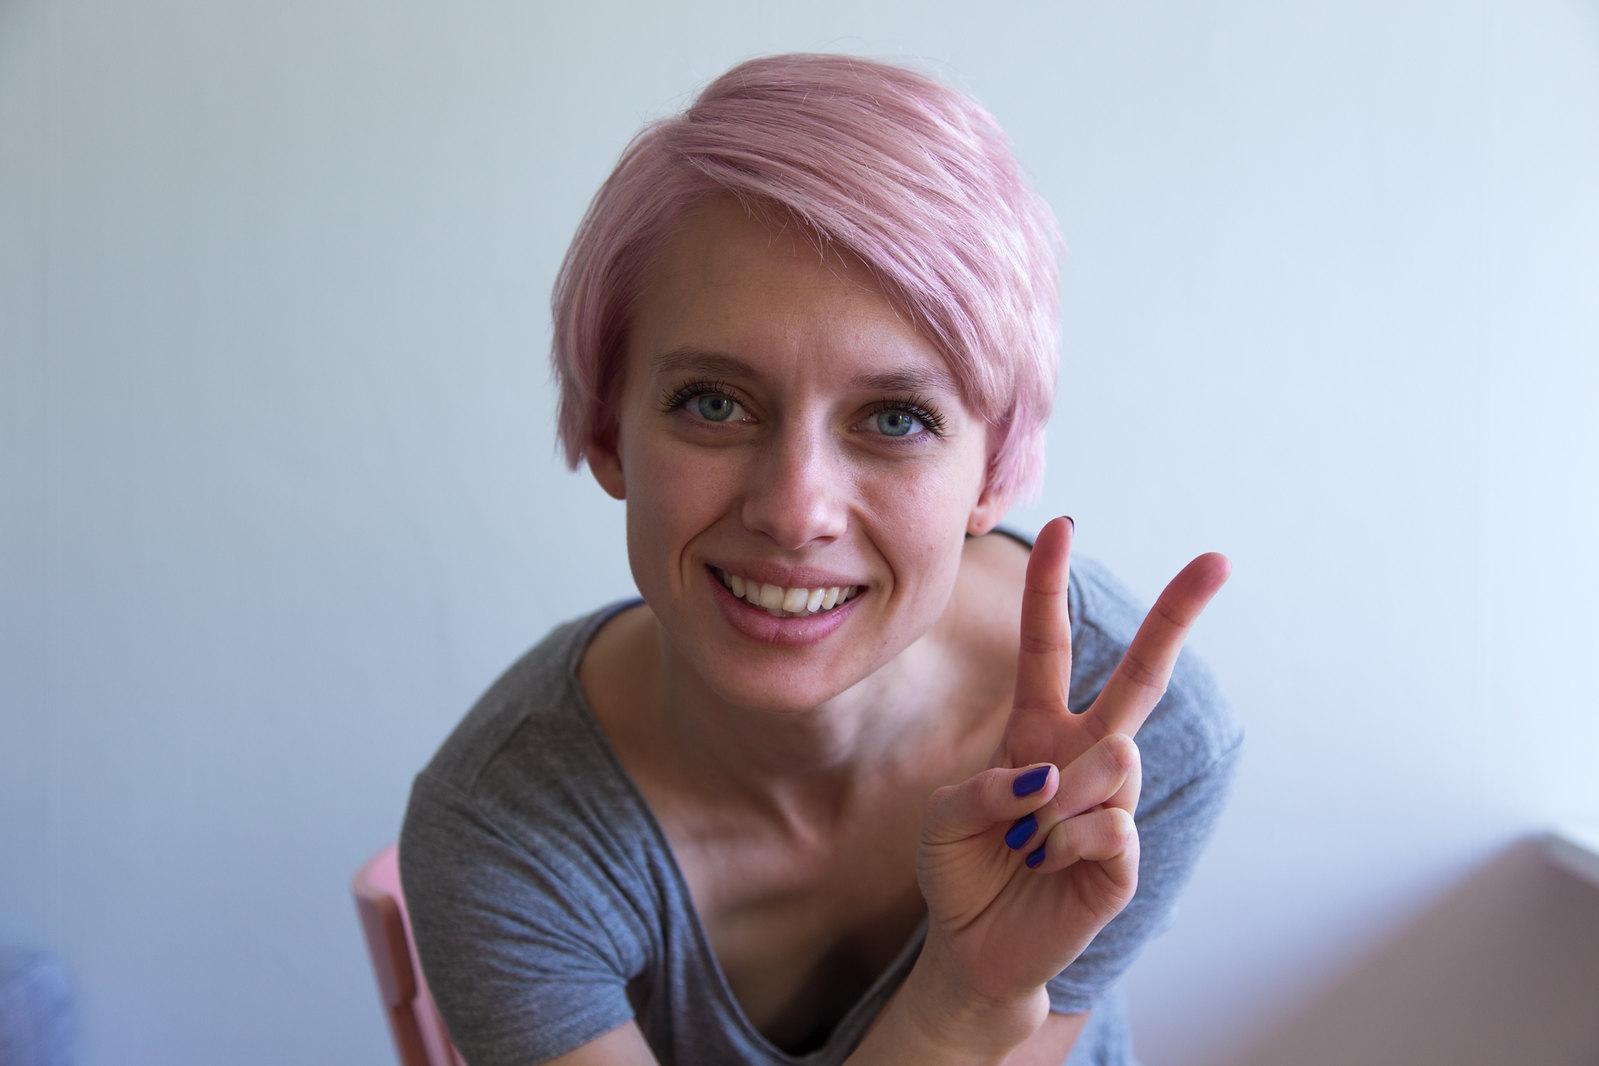 Pastel pinkish hair